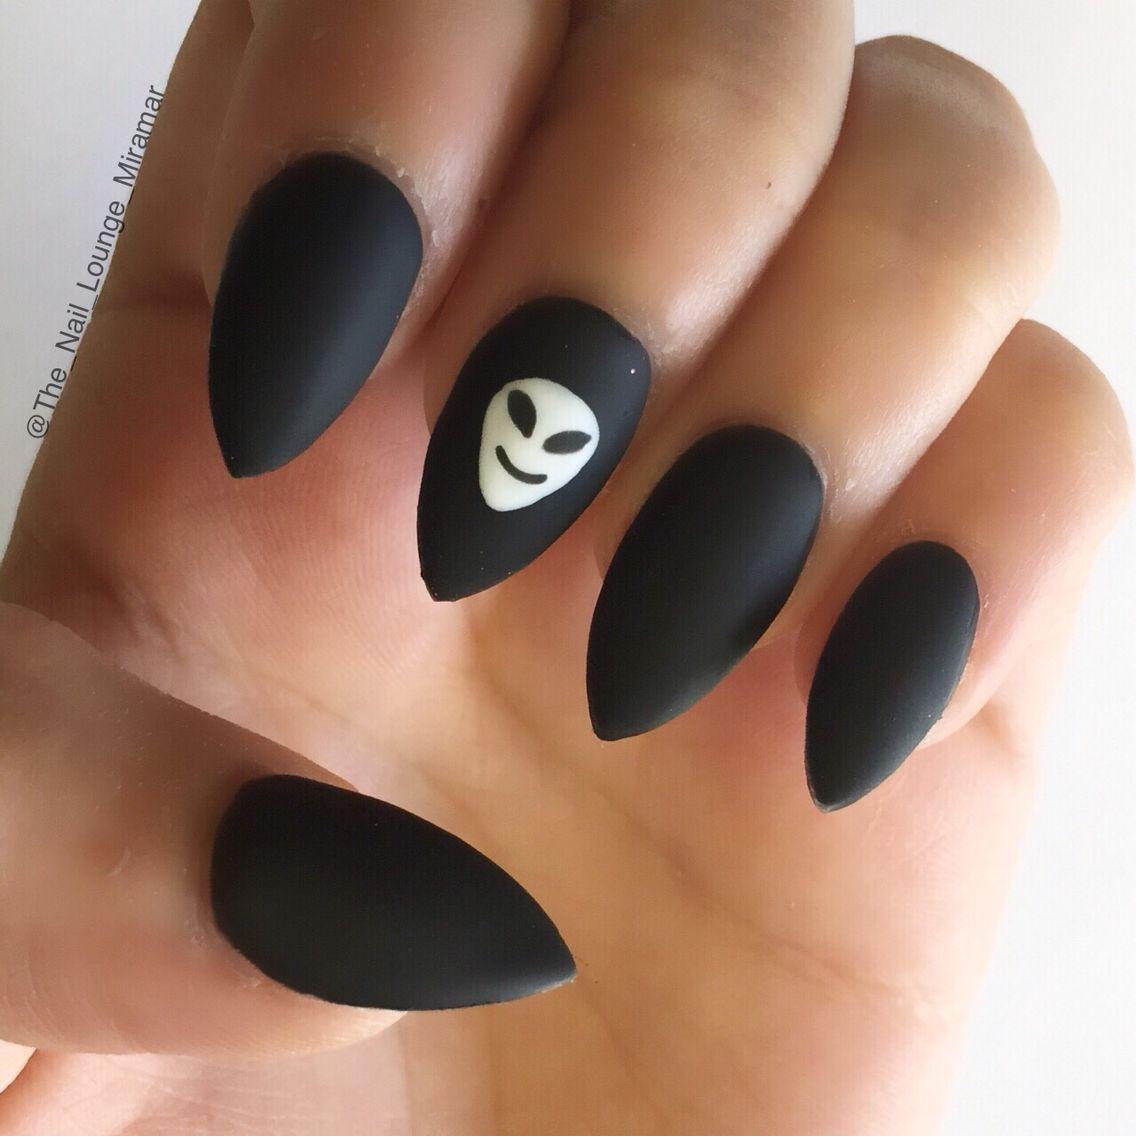 Matte black alien stiletto nails | Nail Art | Pinterest | Matte ...